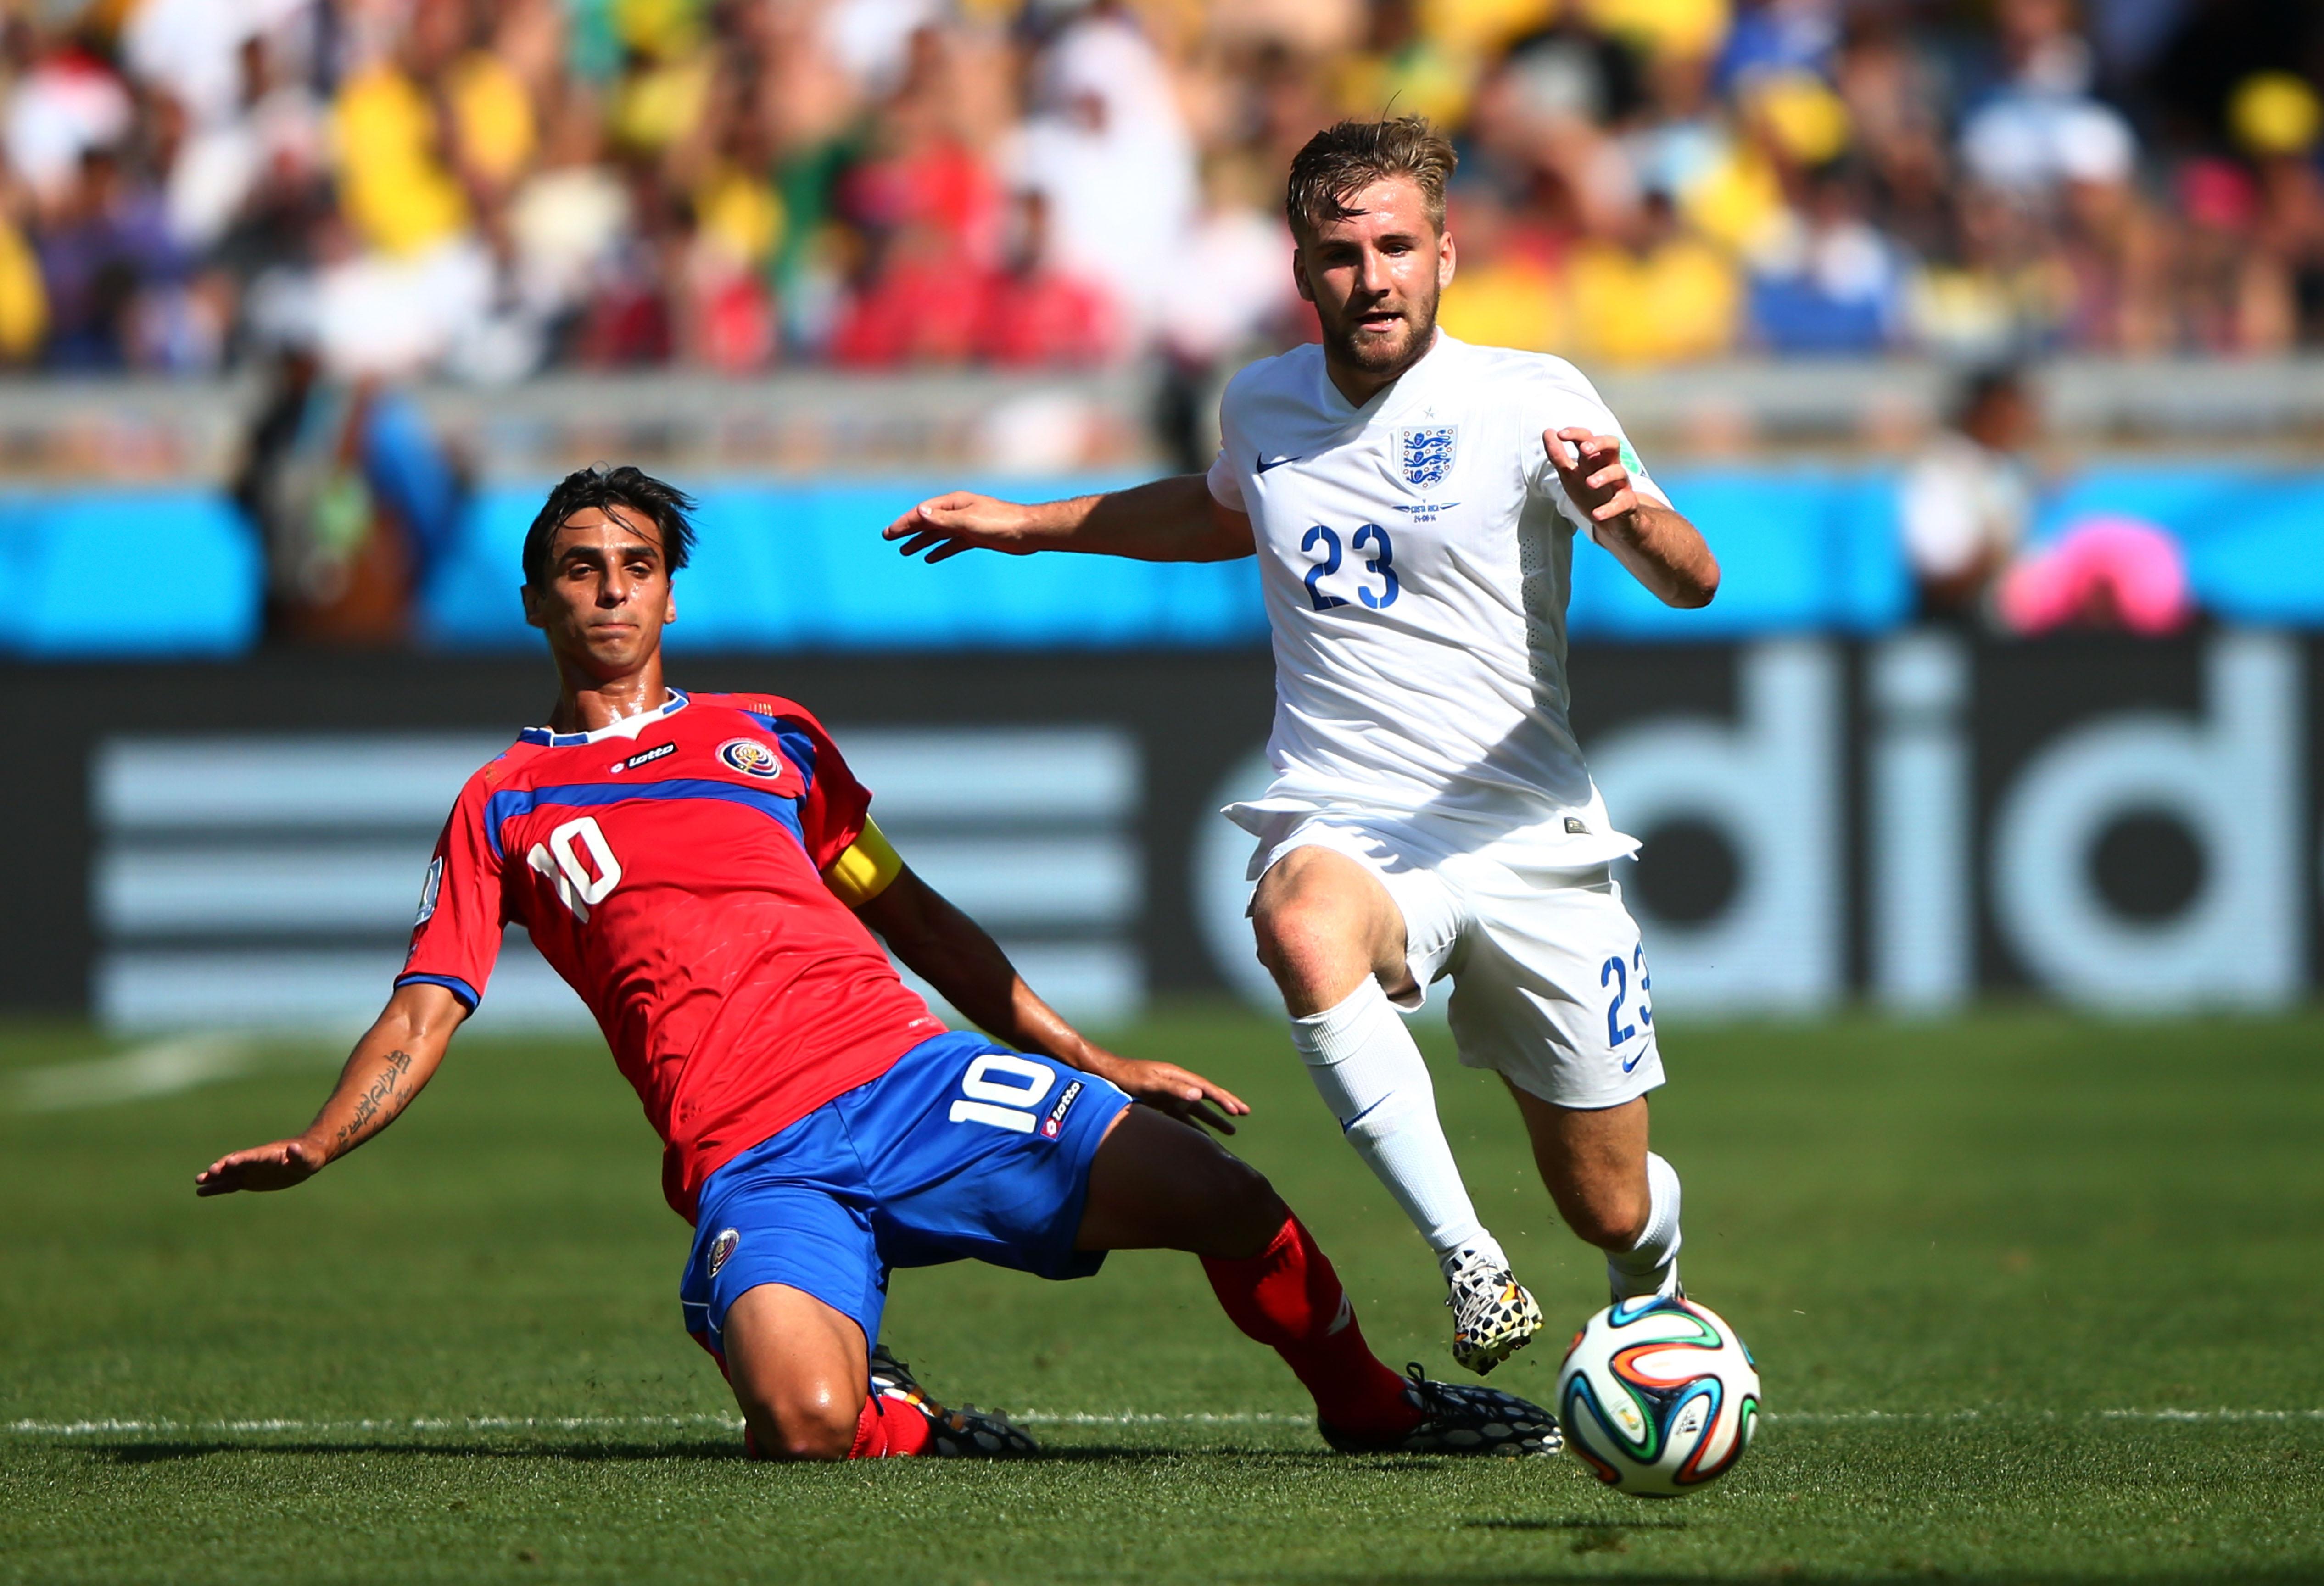 Коста-Рика - Англия. 5 ответов мачта - изображение 2